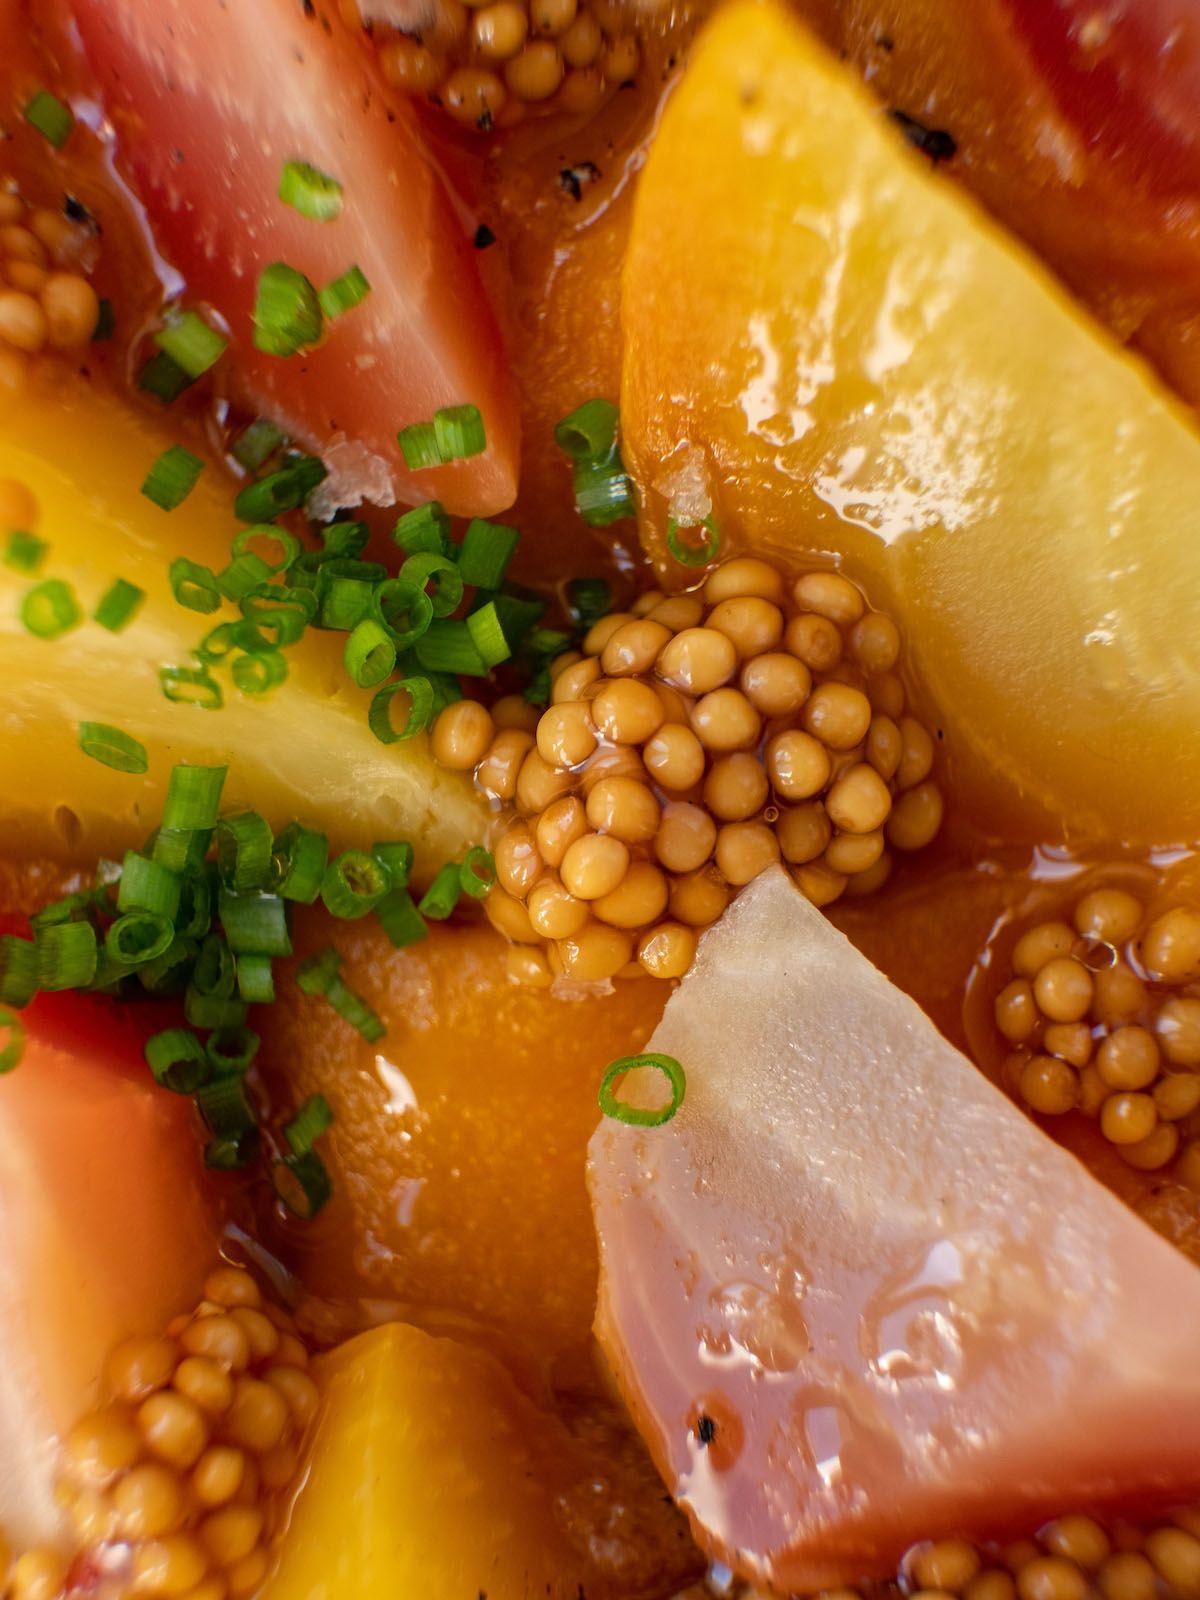 Foodblog, About Fuel, Rezept, Sandwich, Kürbis Zwiebel Marmelade, Senfcaviar, Schnittlauch, Gelbe Bete